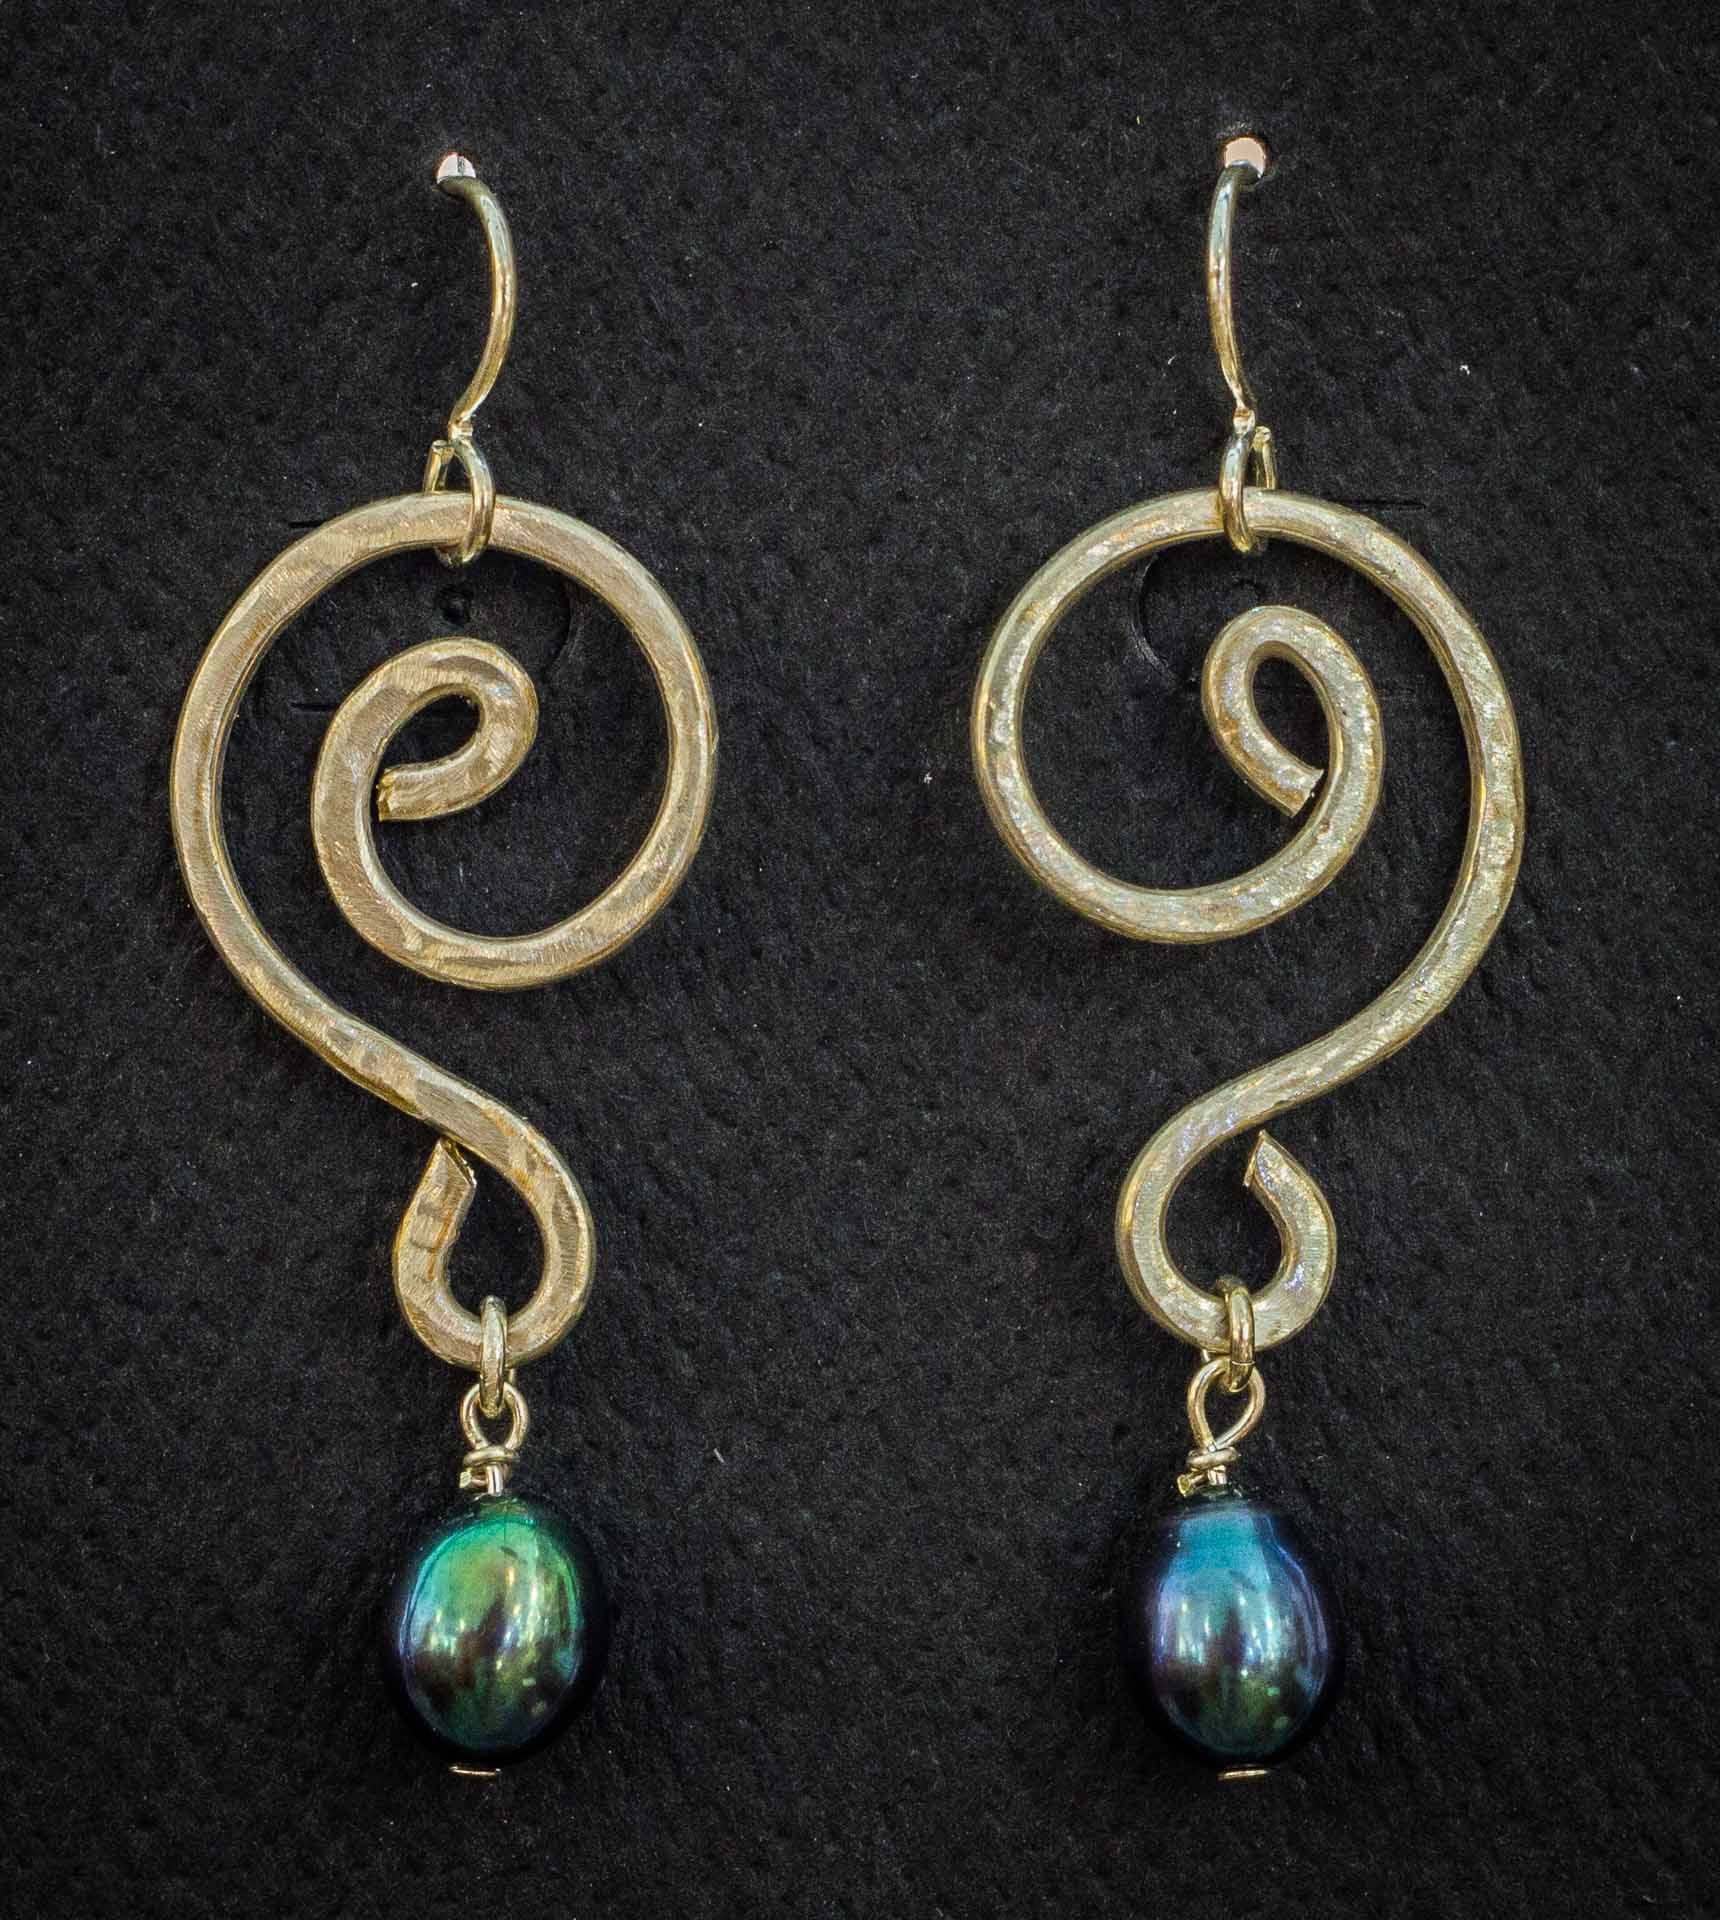 Earring pair 1 by Susie Hettleman